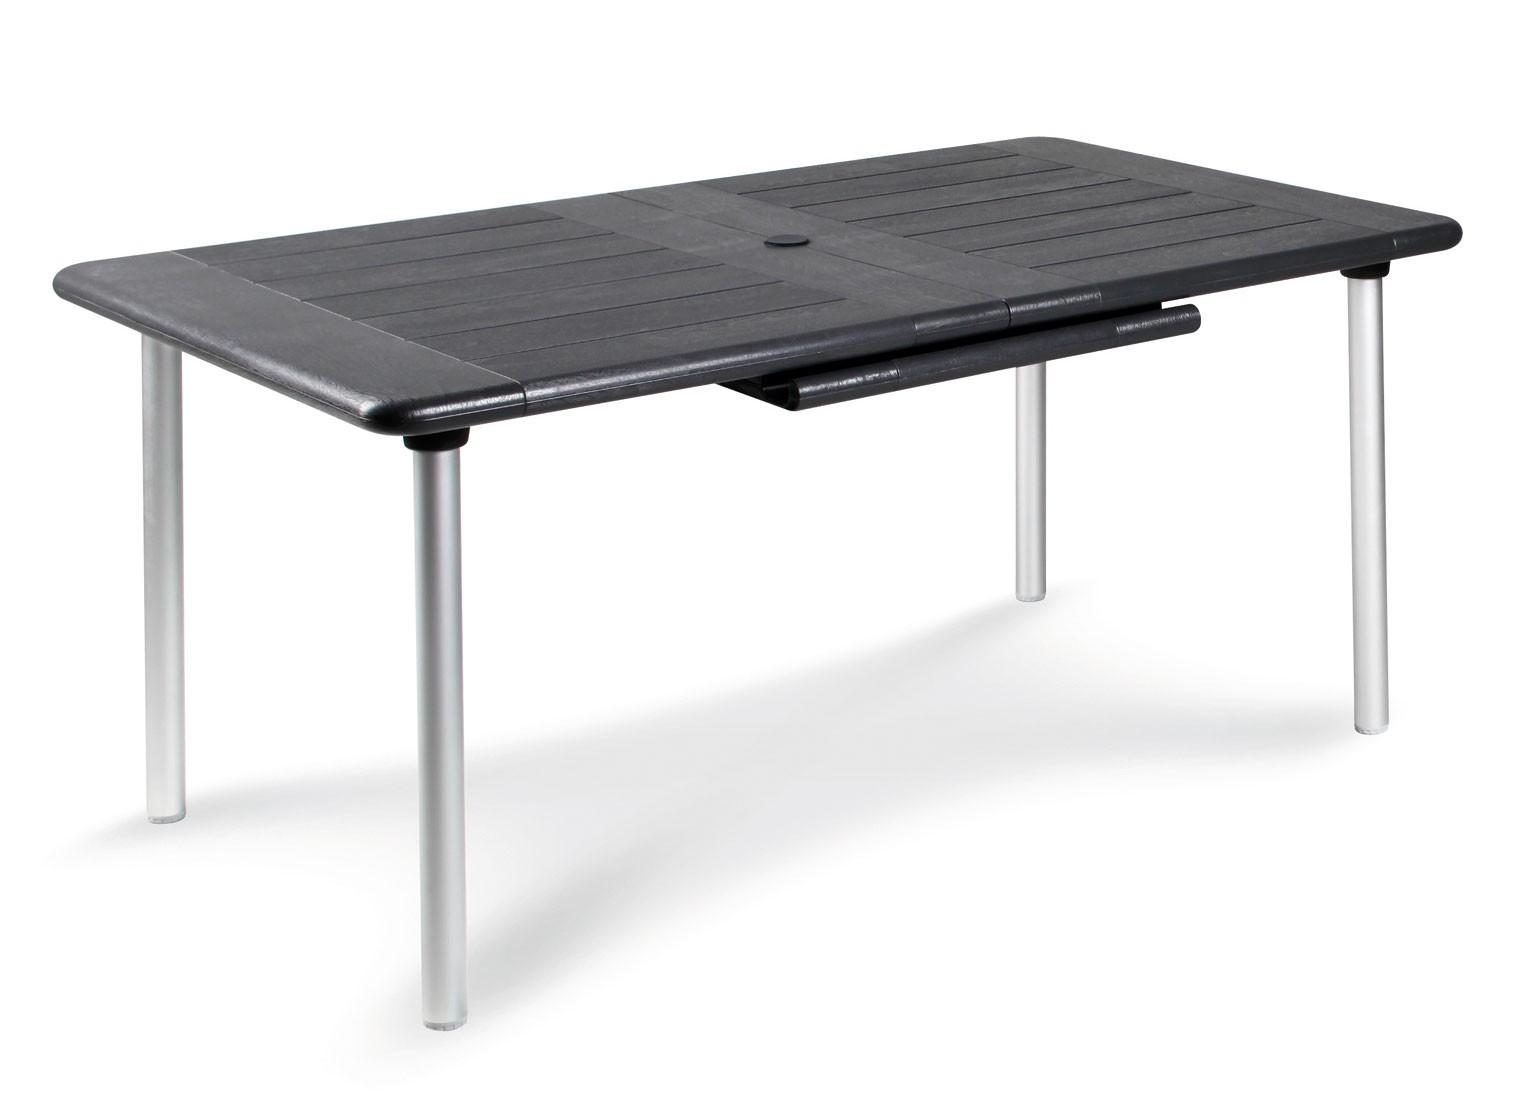 gartentisch tavolo ausziehbar 160 220x100 cm alu silber. Black Bedroom Furniture Sets. Home Design Ideas